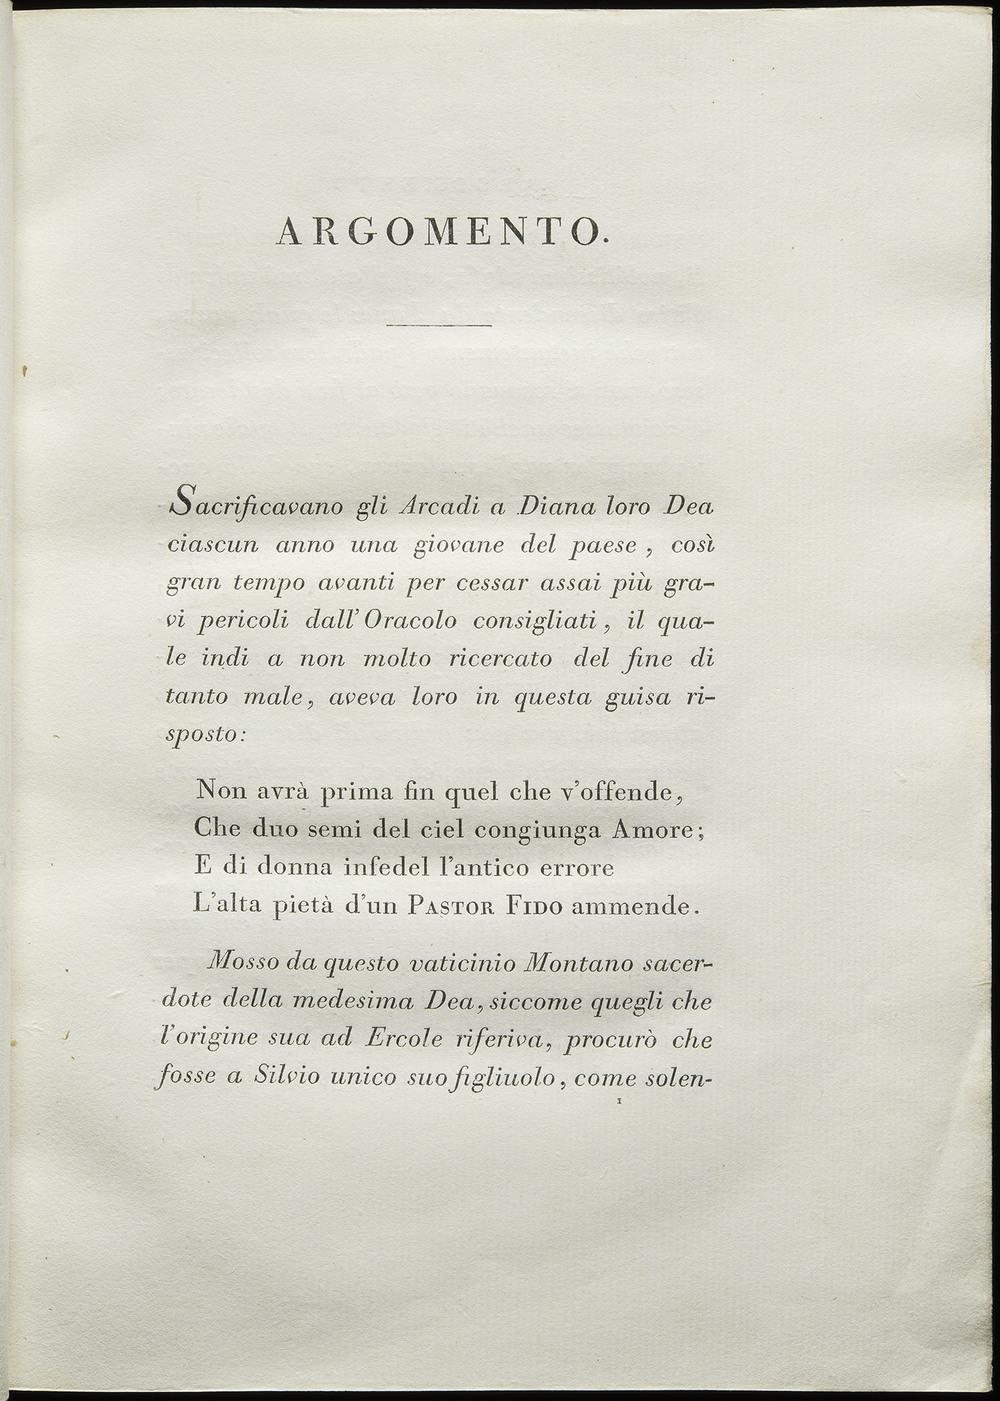 Giambattista Bodoni,  Pastor Fido  by Giambatista Guarini, Parma, 1793, 21 x29 cm